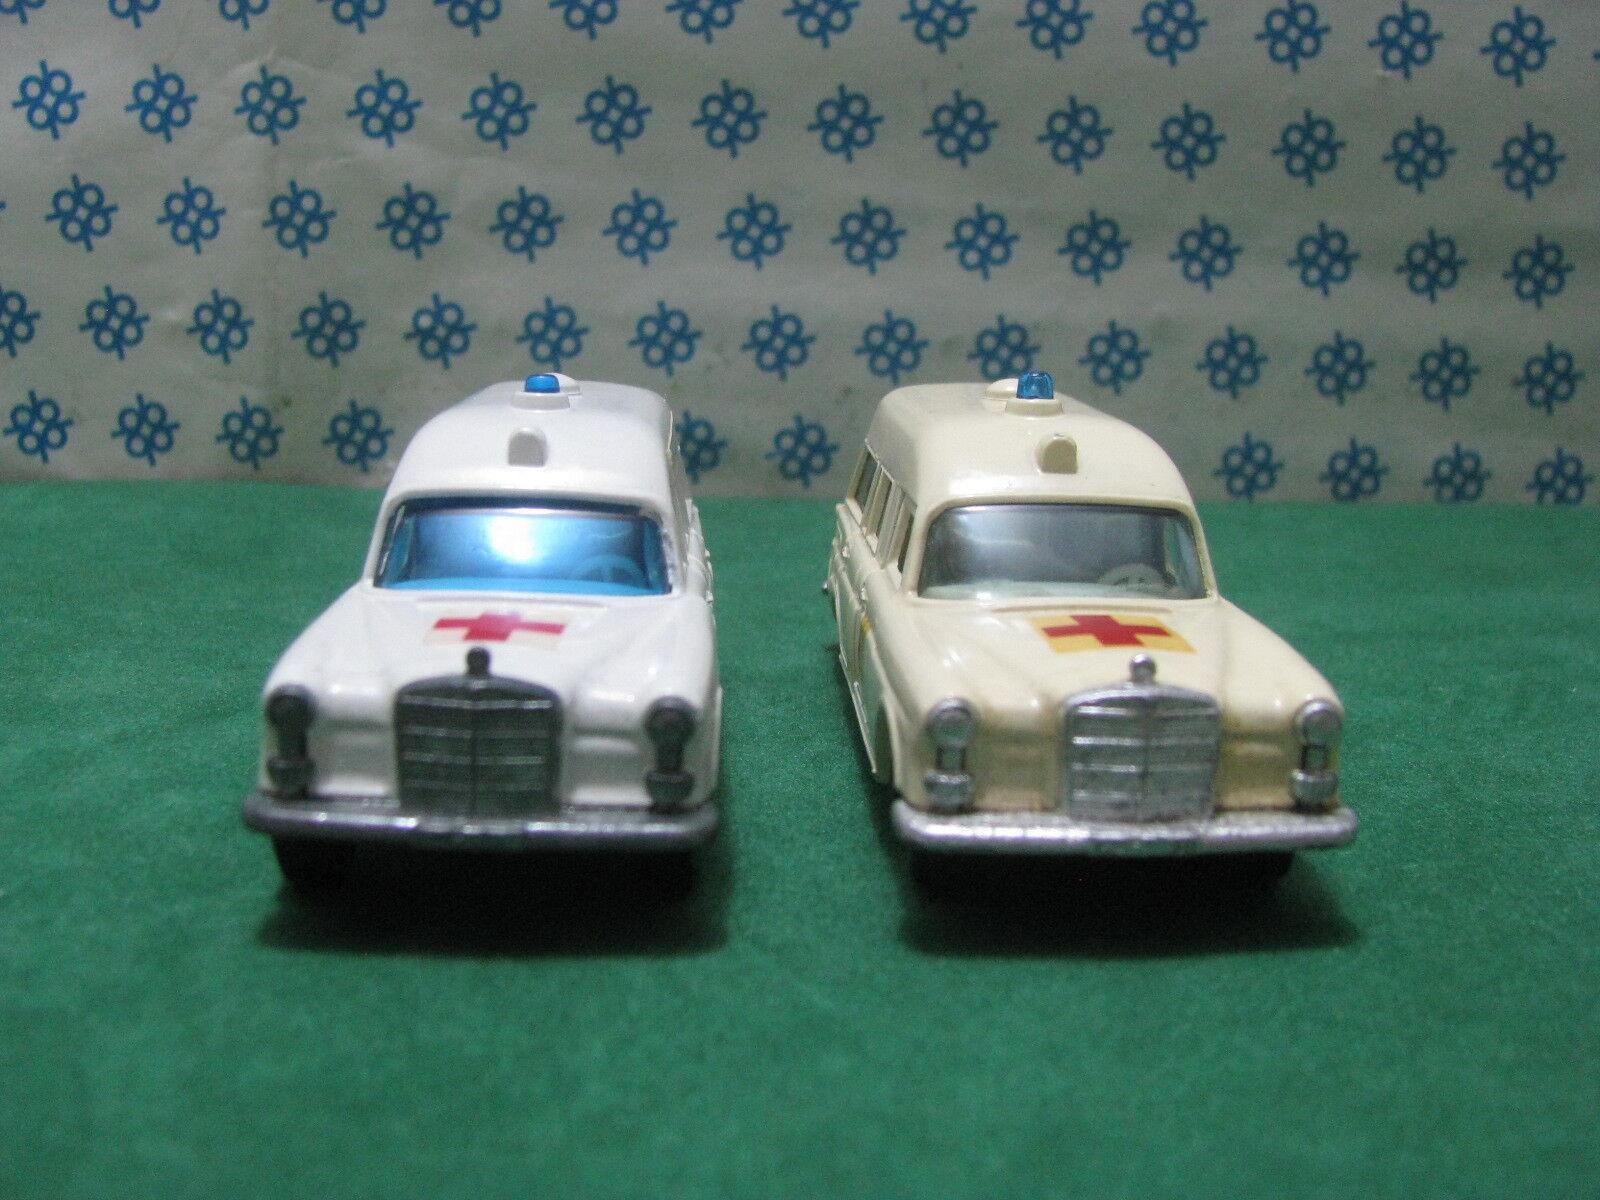 ventas al por mayor Vintage Matchbox  -  Coppia MERCEDES-BENZ     Binz Ambulance  - 1 43  ¡no ser extrañado!